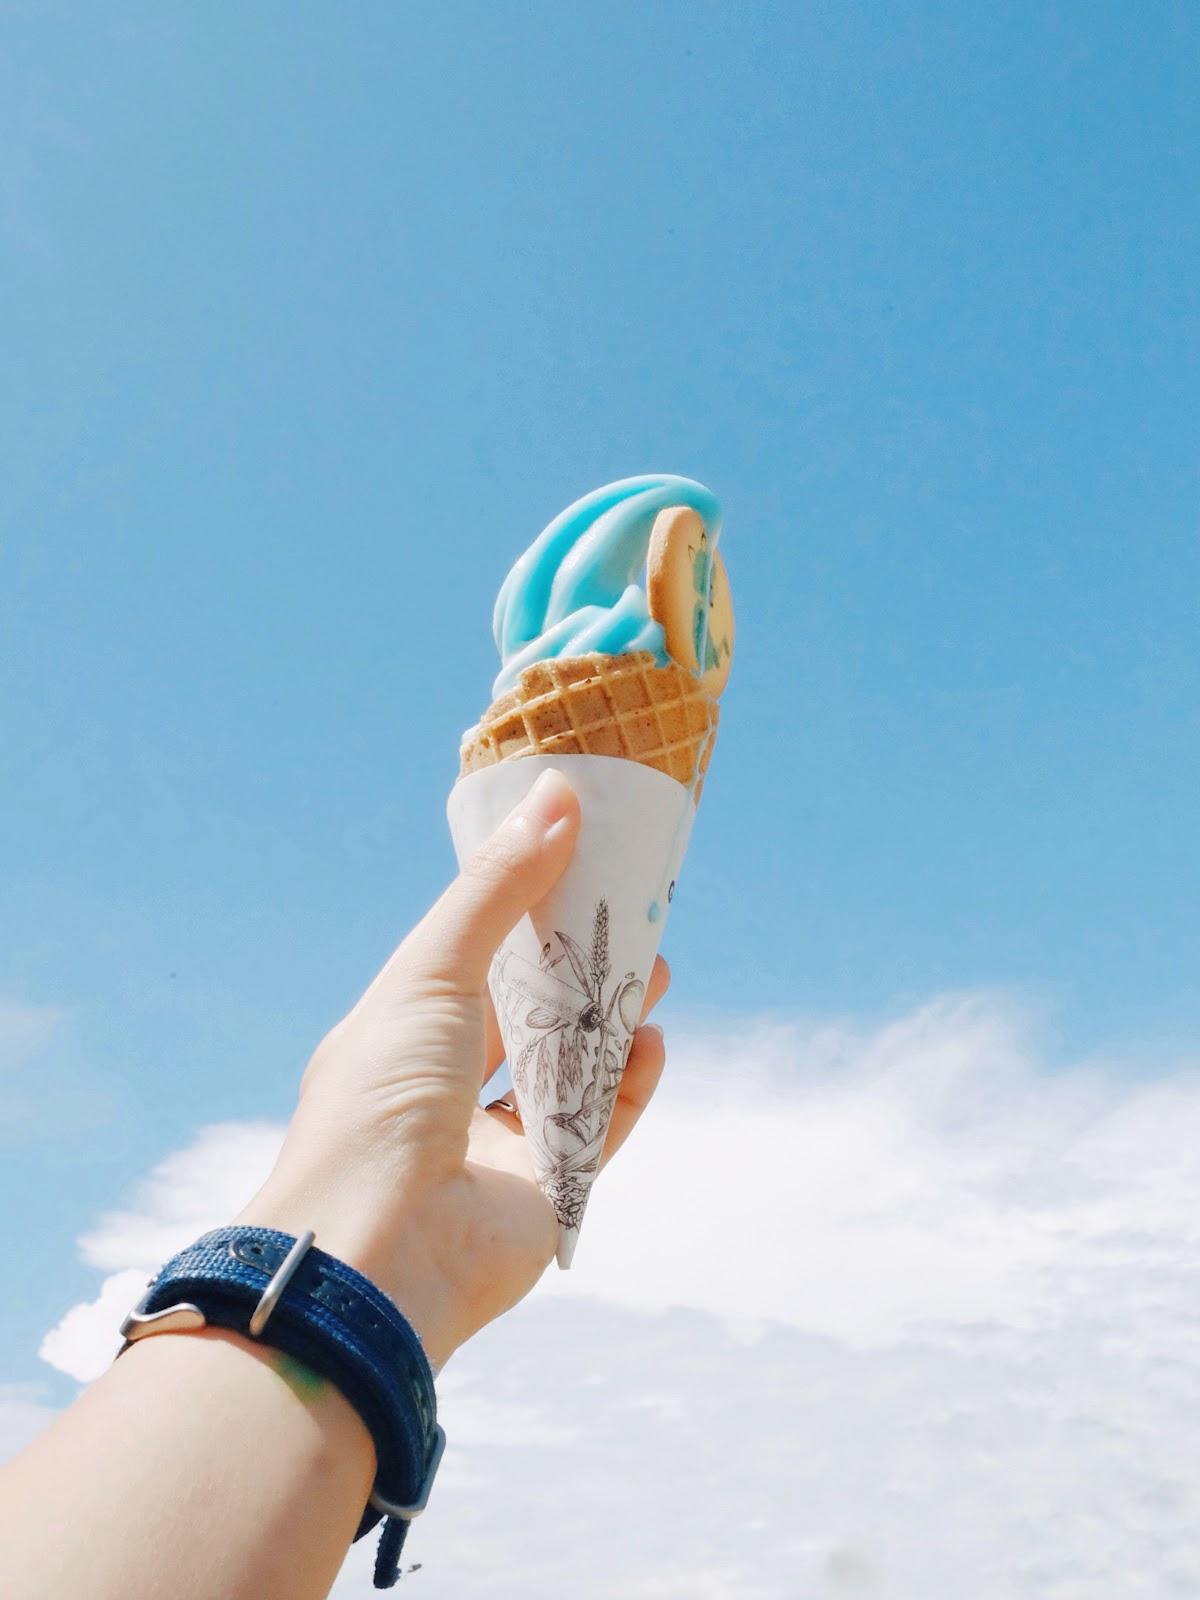 Loạt trải nghiệm mùa hè đỉnh như anime Nhật Bản: Bắt bọ cánh cứng, ngắm đom đóm trong rừng và ăn kem cho đến khi nào nổ não thì thôi! - Ảnh 10.